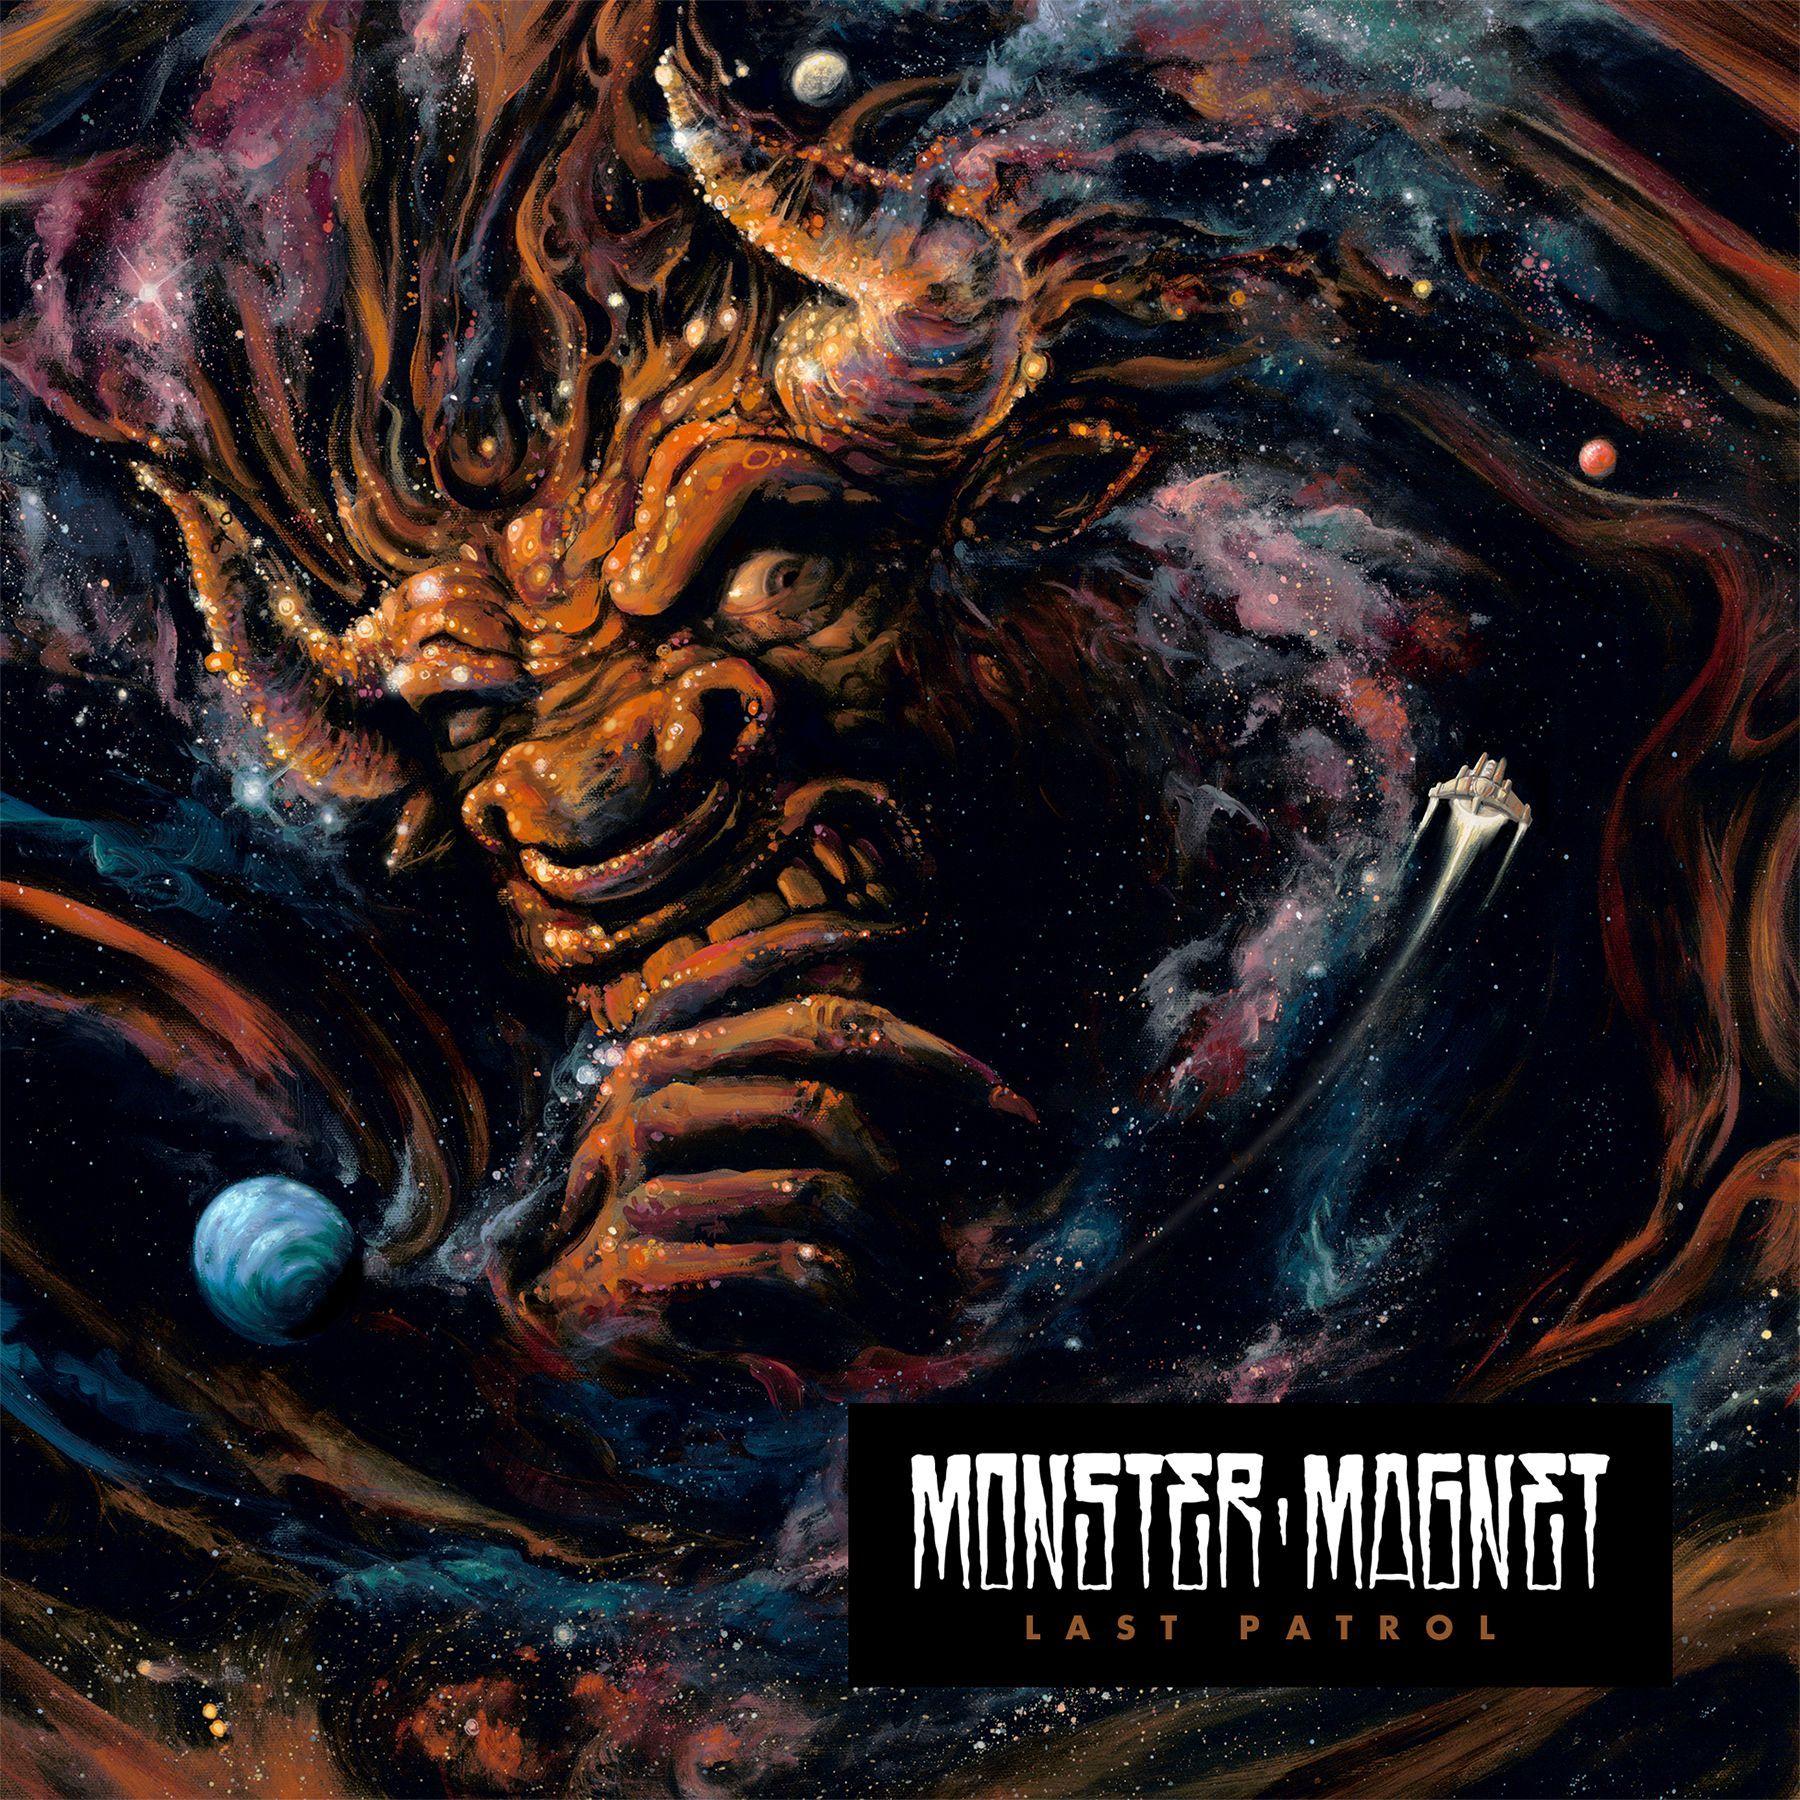 Billedresultat for monster magnet covers